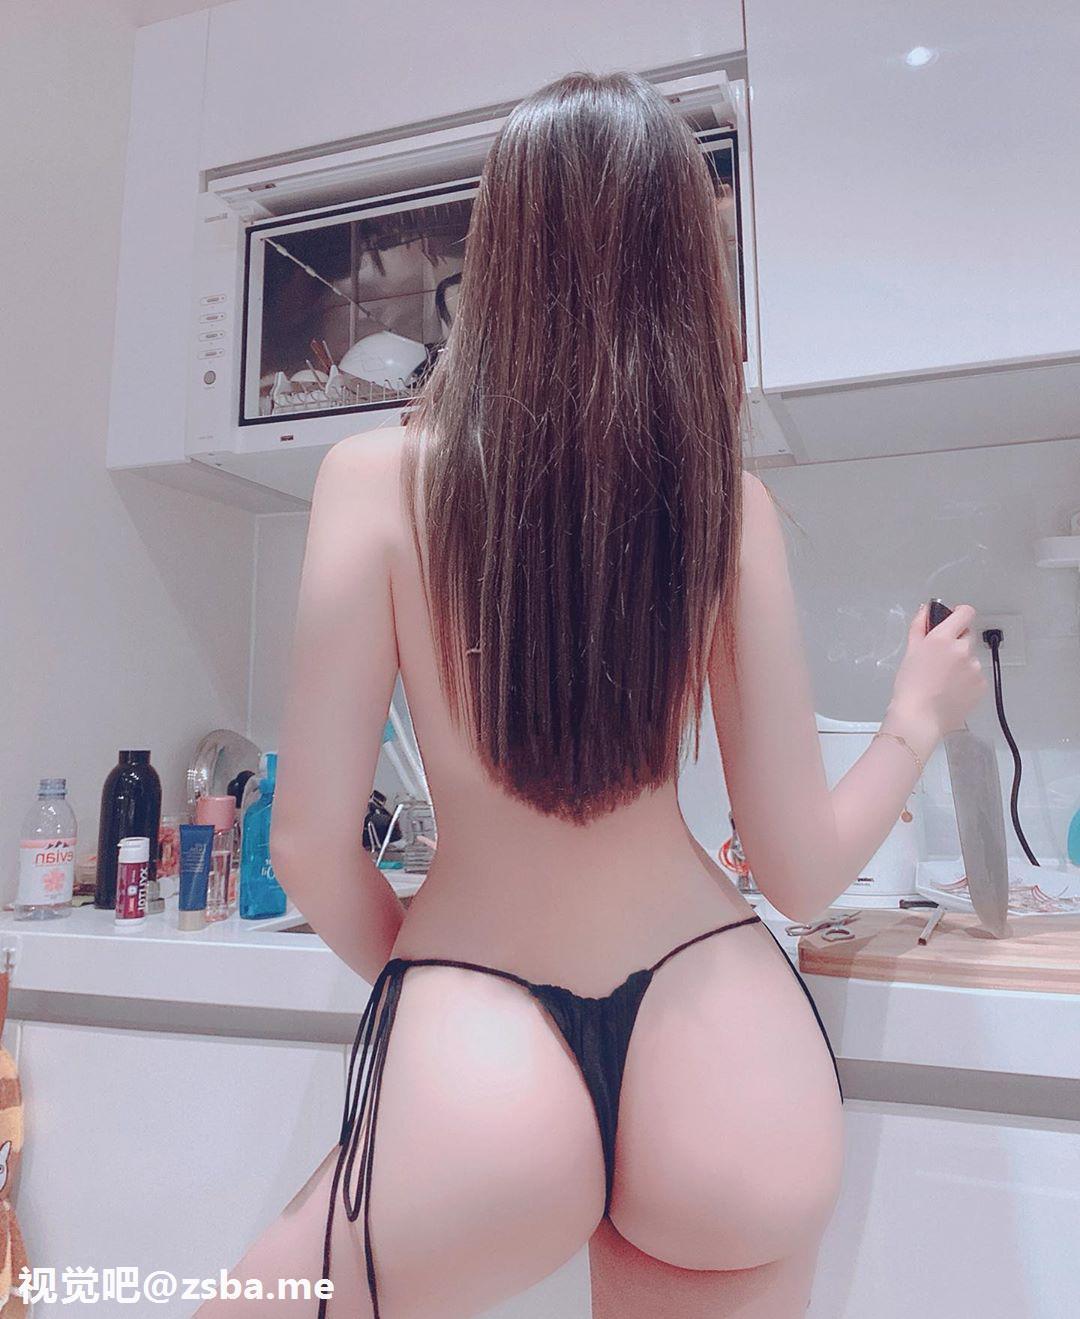 超胸台妹谢薇安-ins图包[583P]插图15